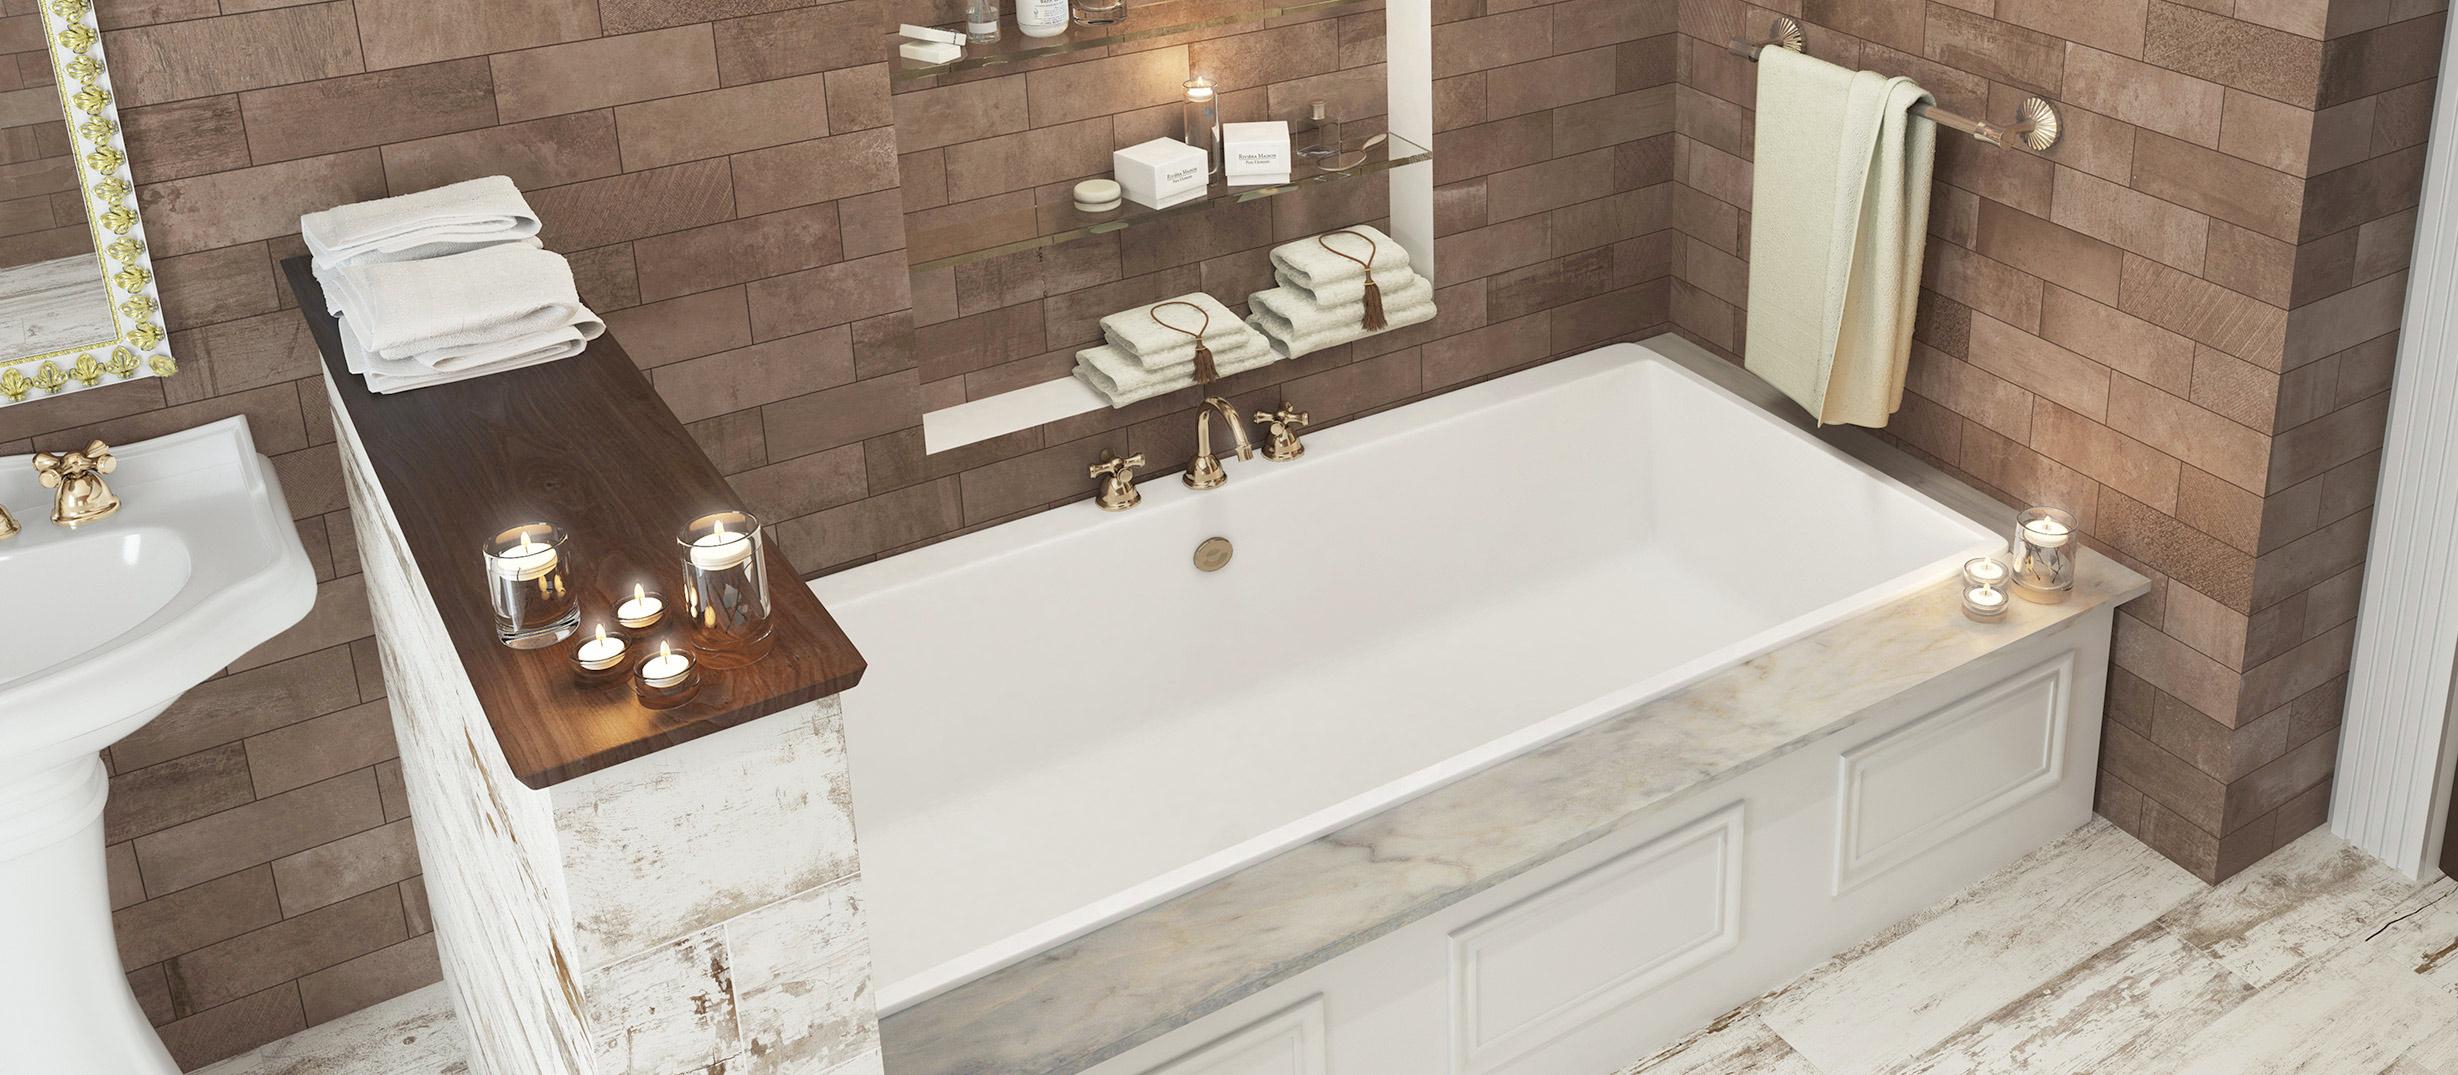 series Neobvyklý obklad do koupelny v retro stylu, který lze použít i jako dlažbu - cihličky 10x30 Avenue Brown (HUP9)